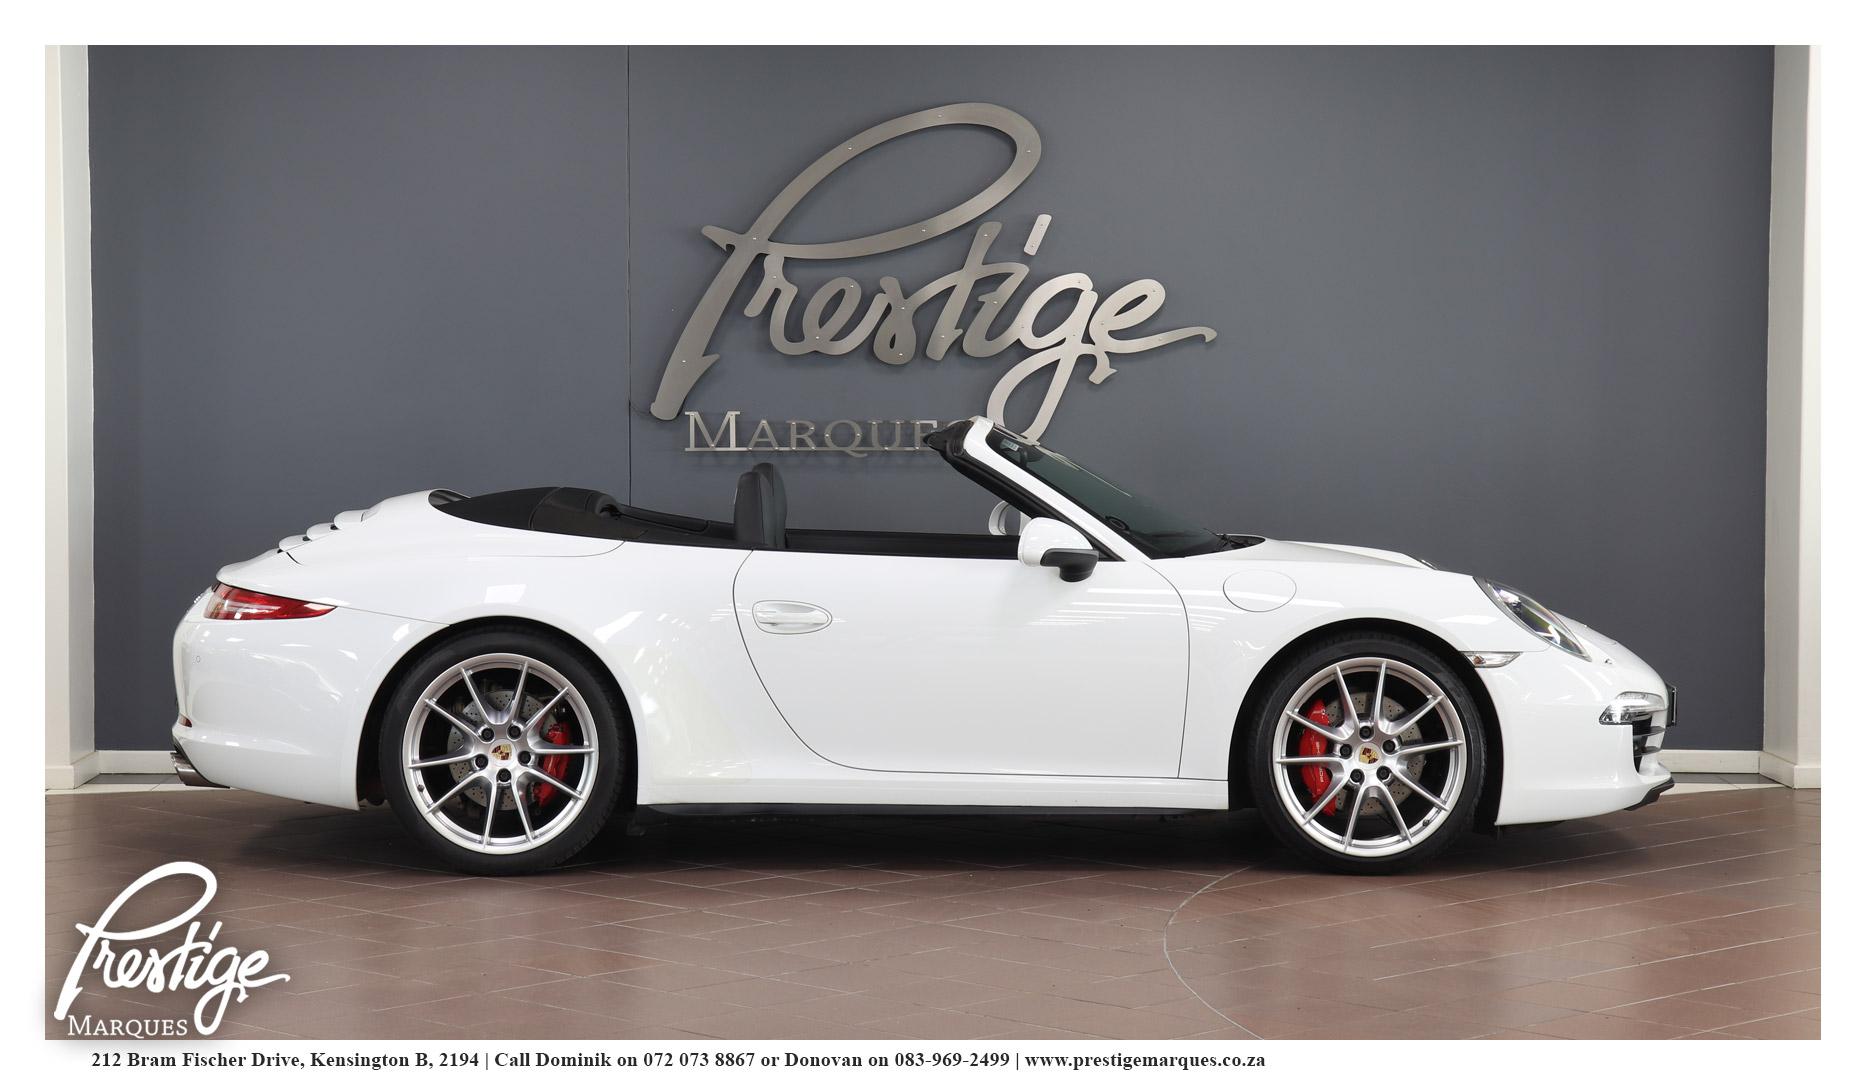 2013-Porsche-911-991-Carrera-4s-PDK-Cabriolet-Prestige-Marques-Randburg-Sandton-3